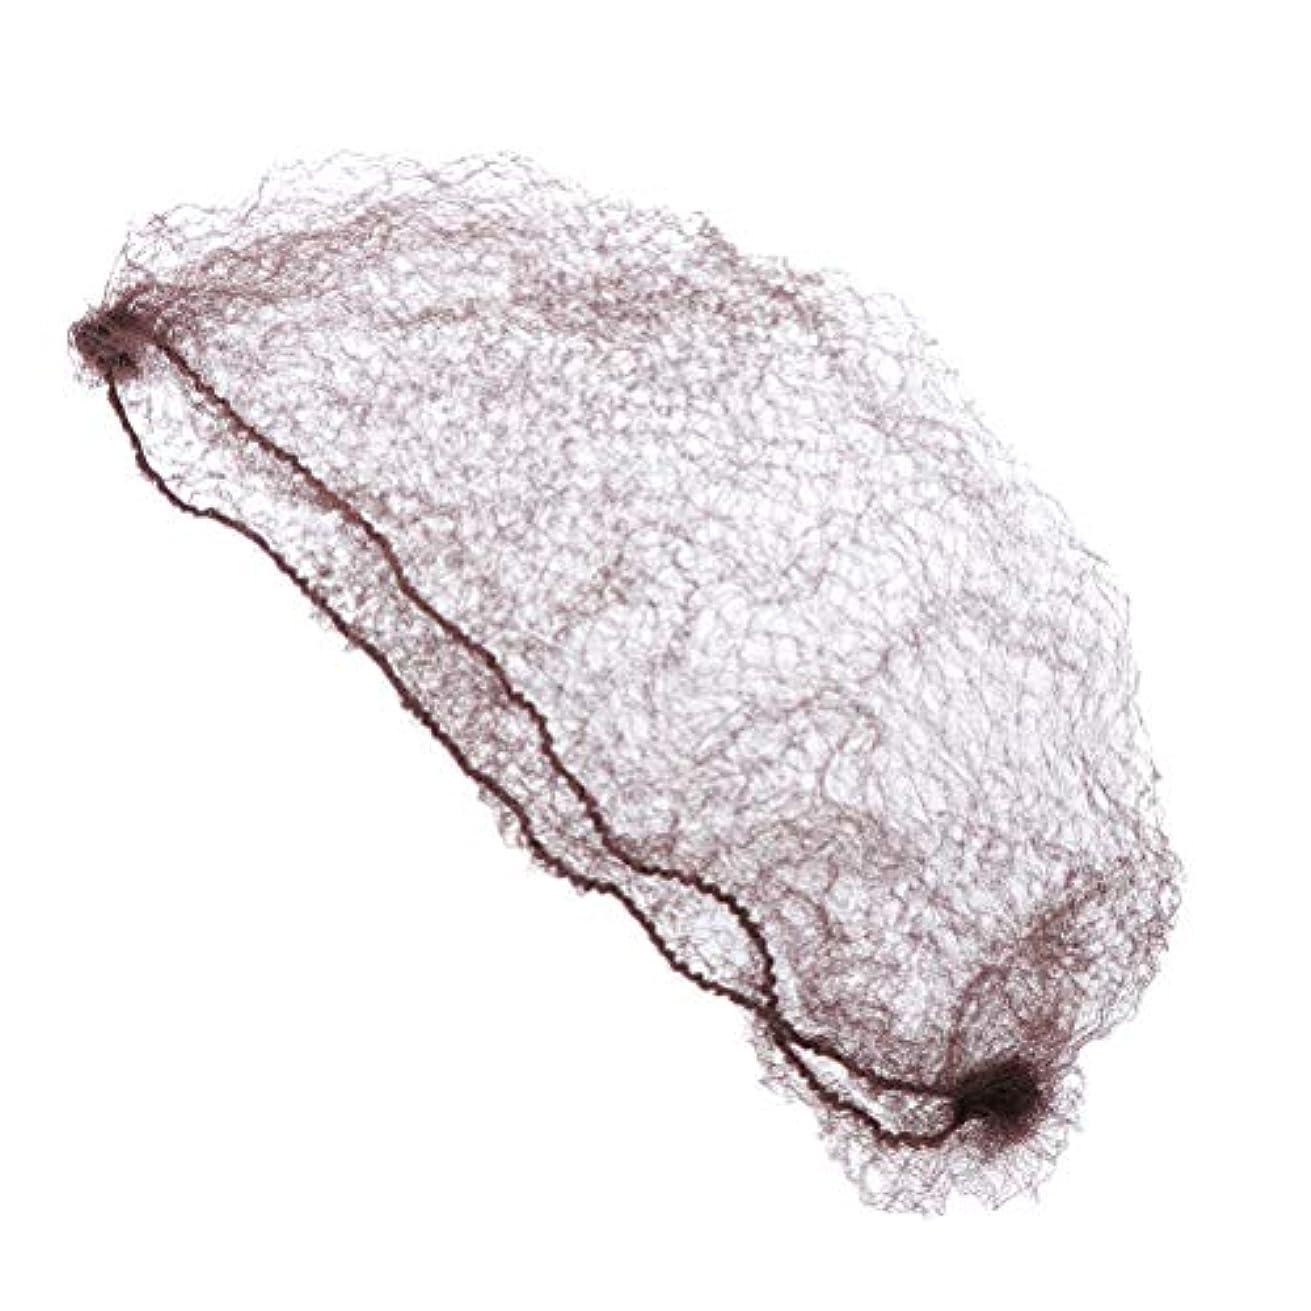 ピクニックの量大統領Frcolor ヘアネット 髪ネット 目に見えない 弾性 団子ドレスアップ アクセサリー 再利用可能 100本 (コーヒー/ 50cm)